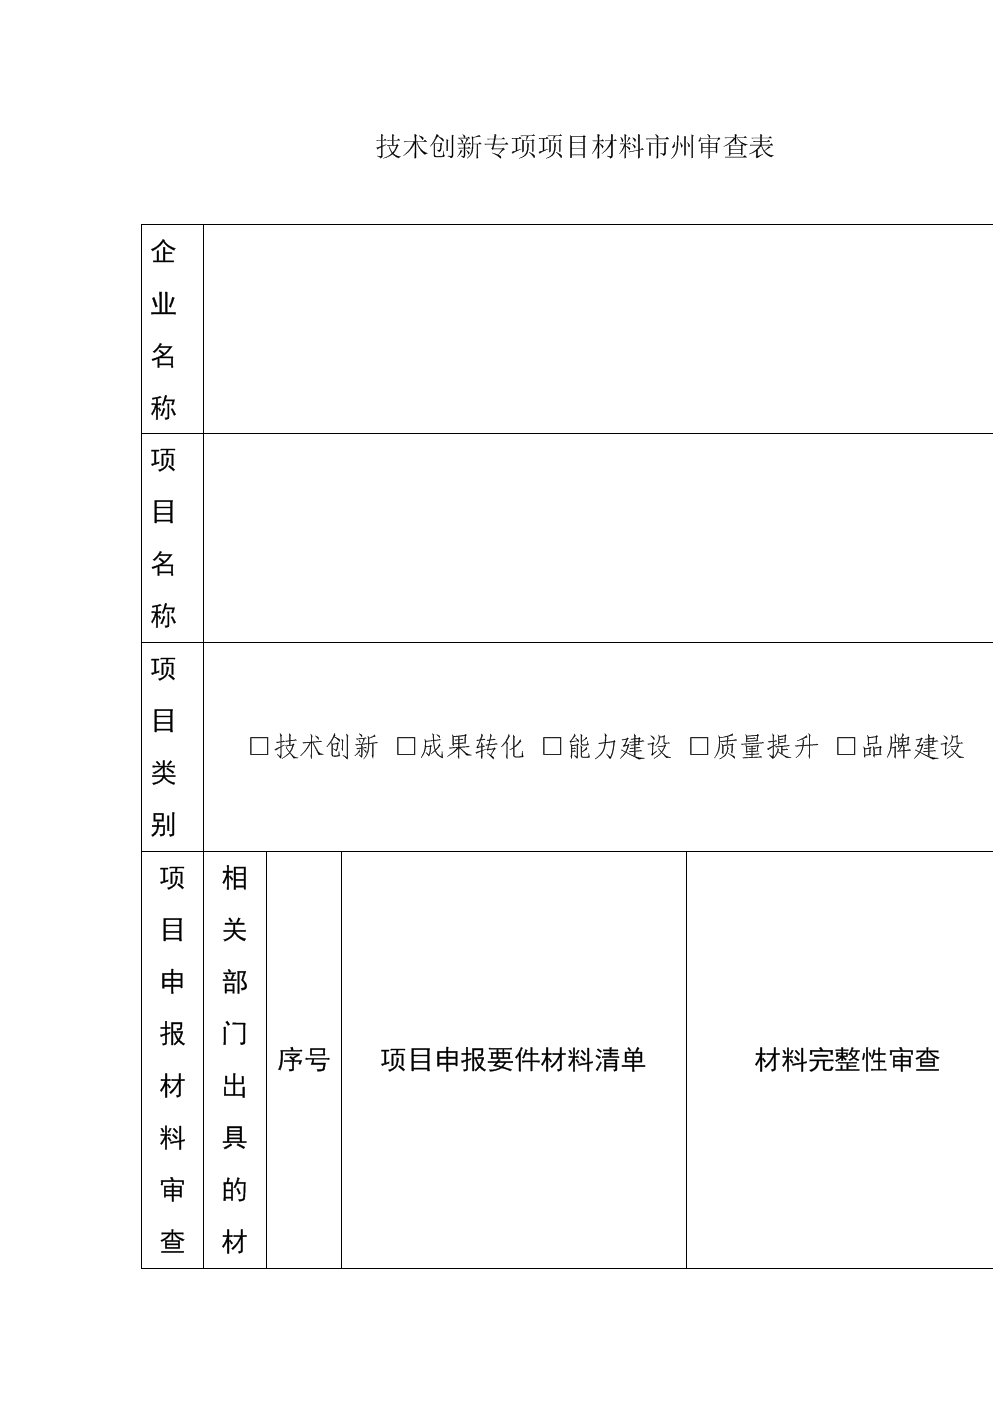 技术创新专项项目材料市州审查表.doc